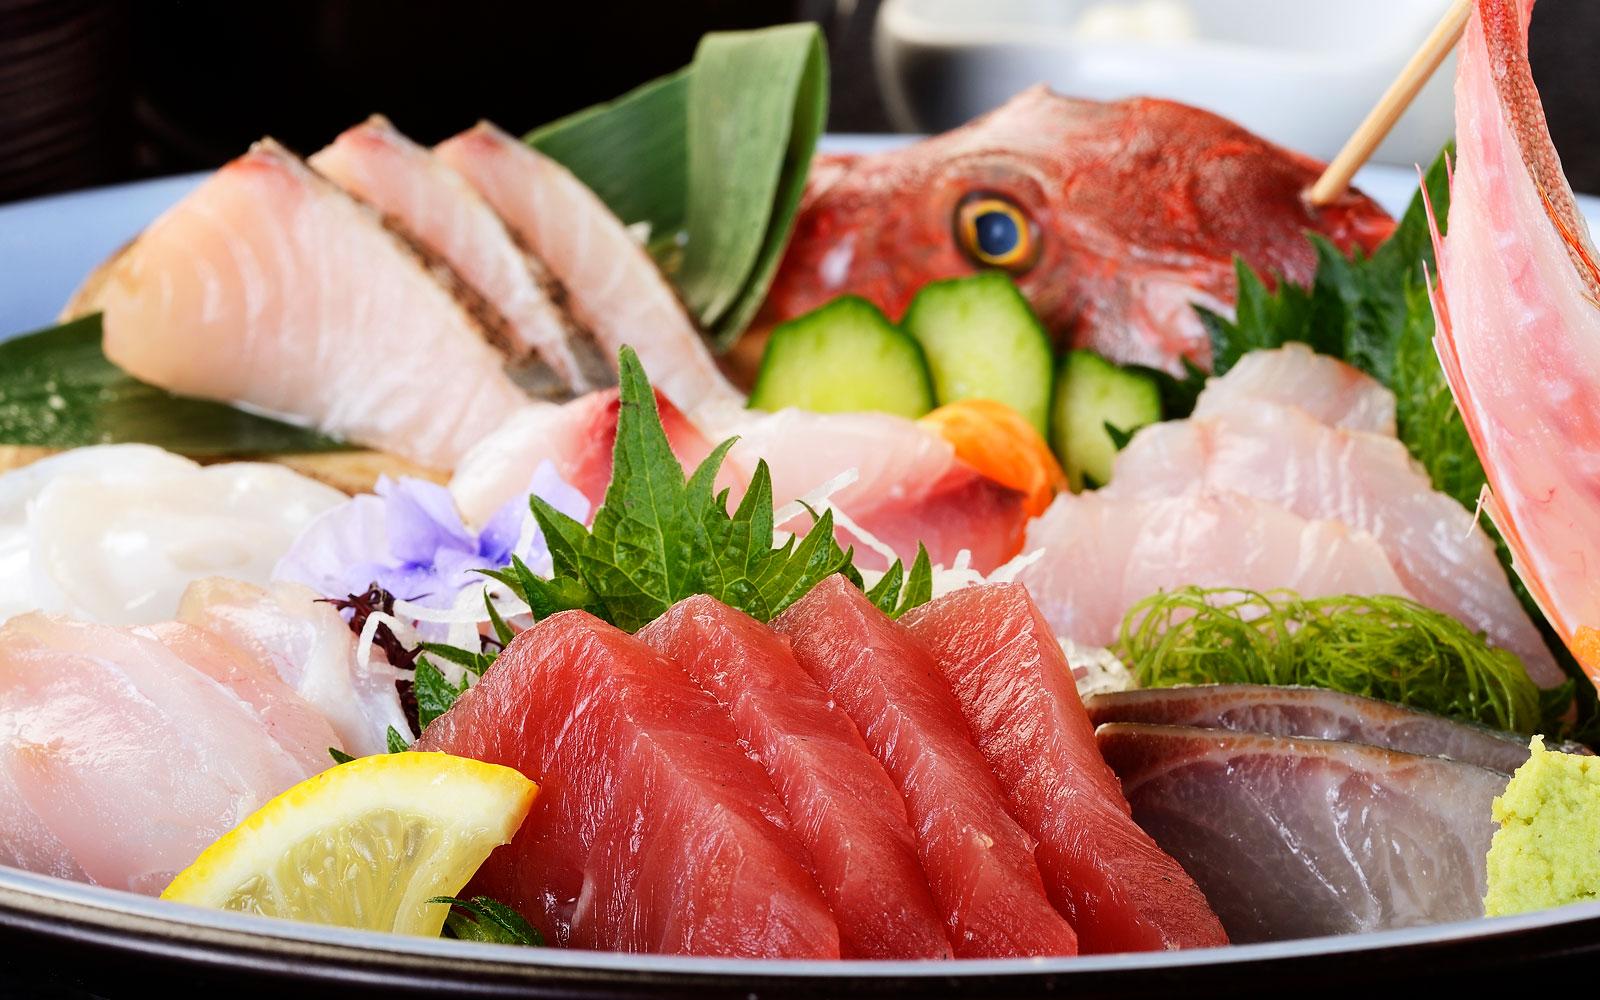 沼津港直送の新鮮な魚介類